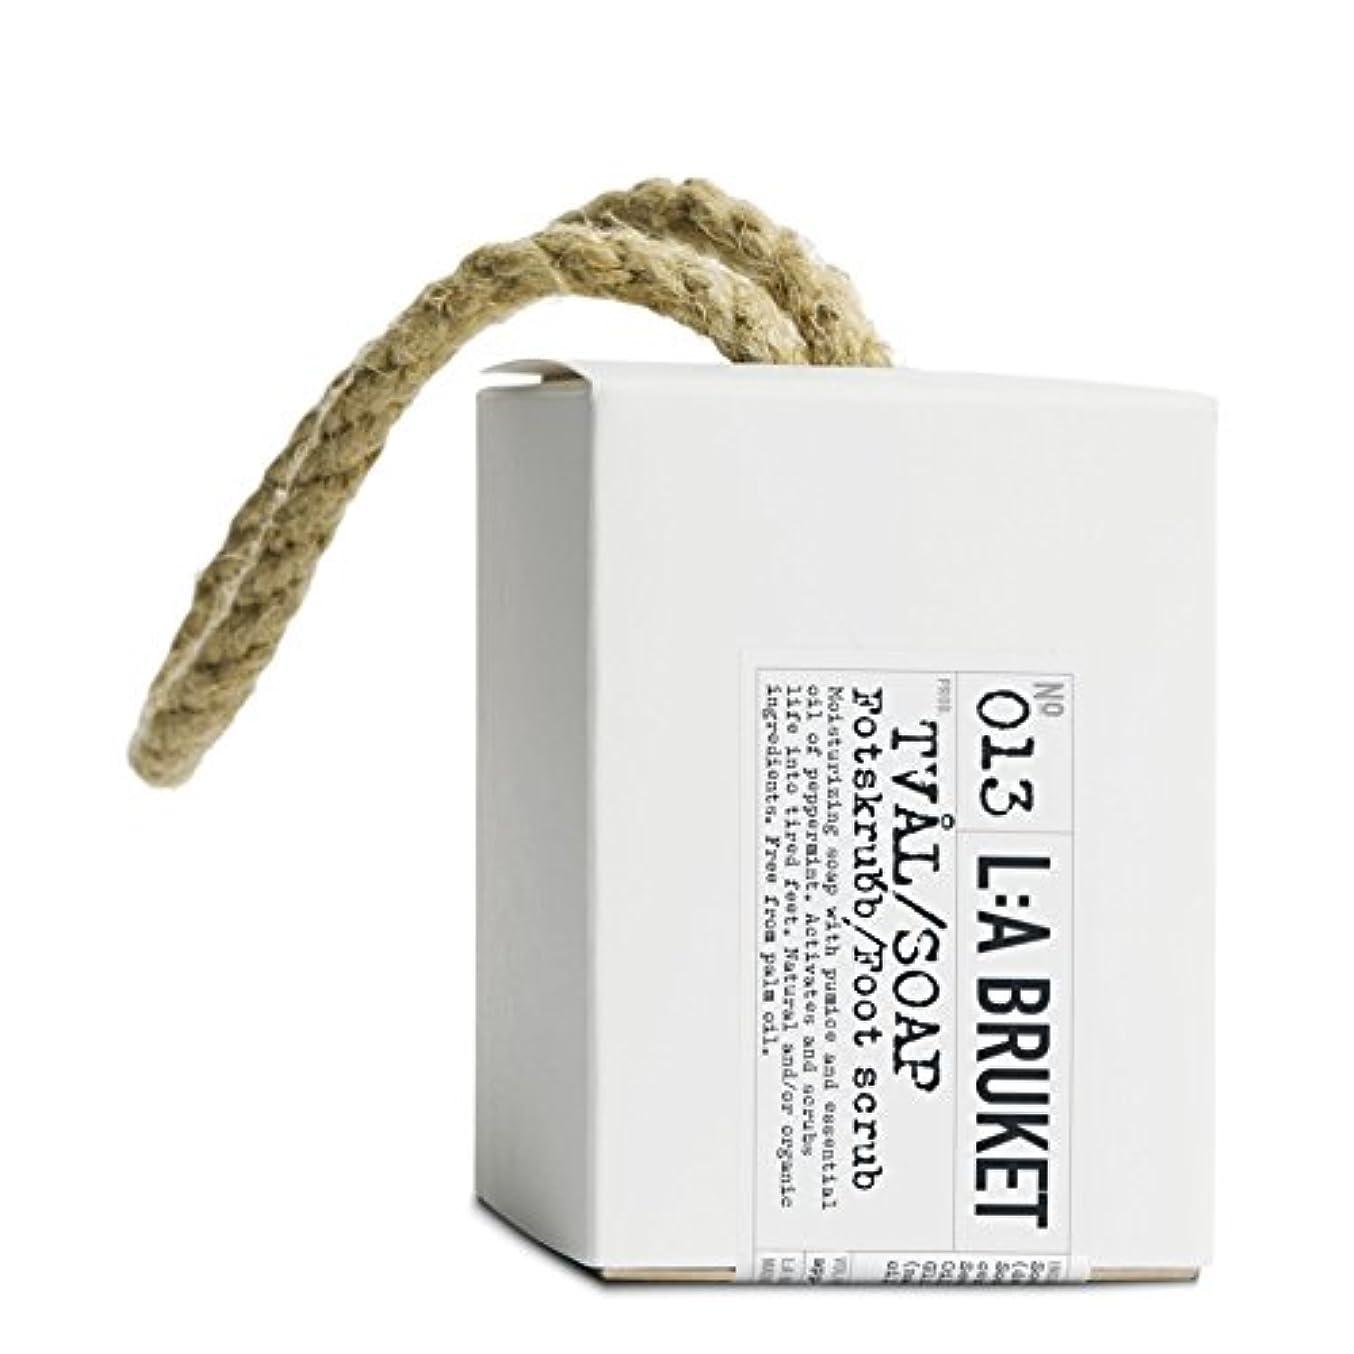 拘束する寛容な生き物L:A Bruket Foot Scrub Soap on a Roap 240g - :の240グラムのフットスクラブ石鹸 [並行輸入品]